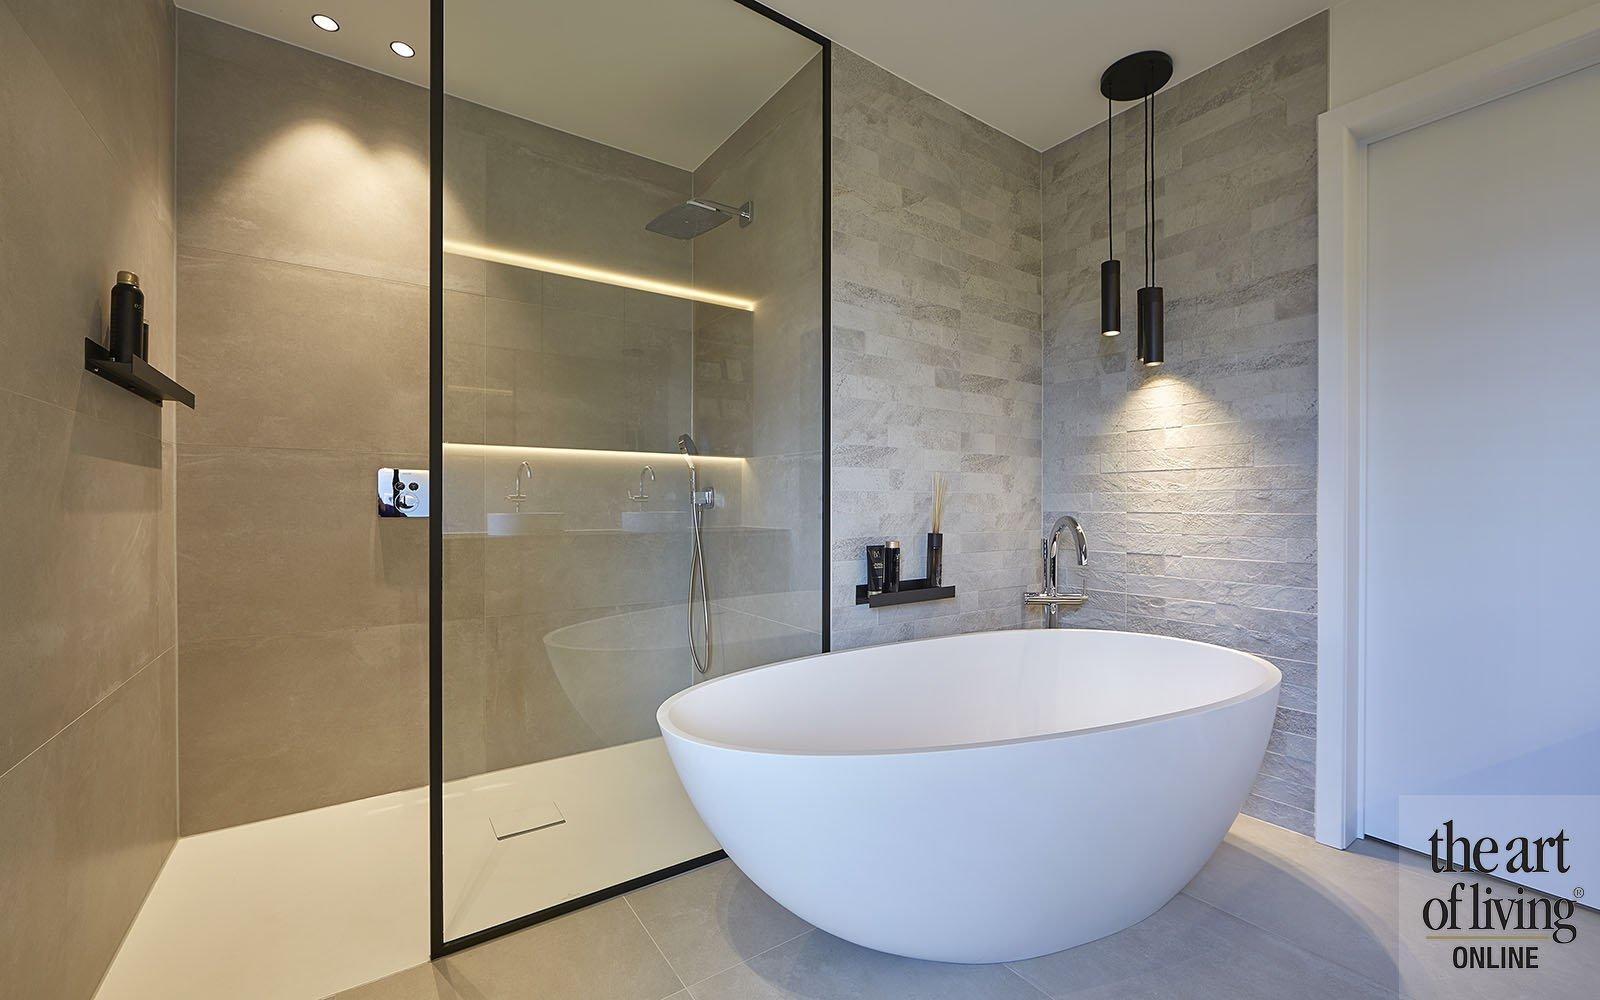 Moderne woning | NANO Architecten, the art of living